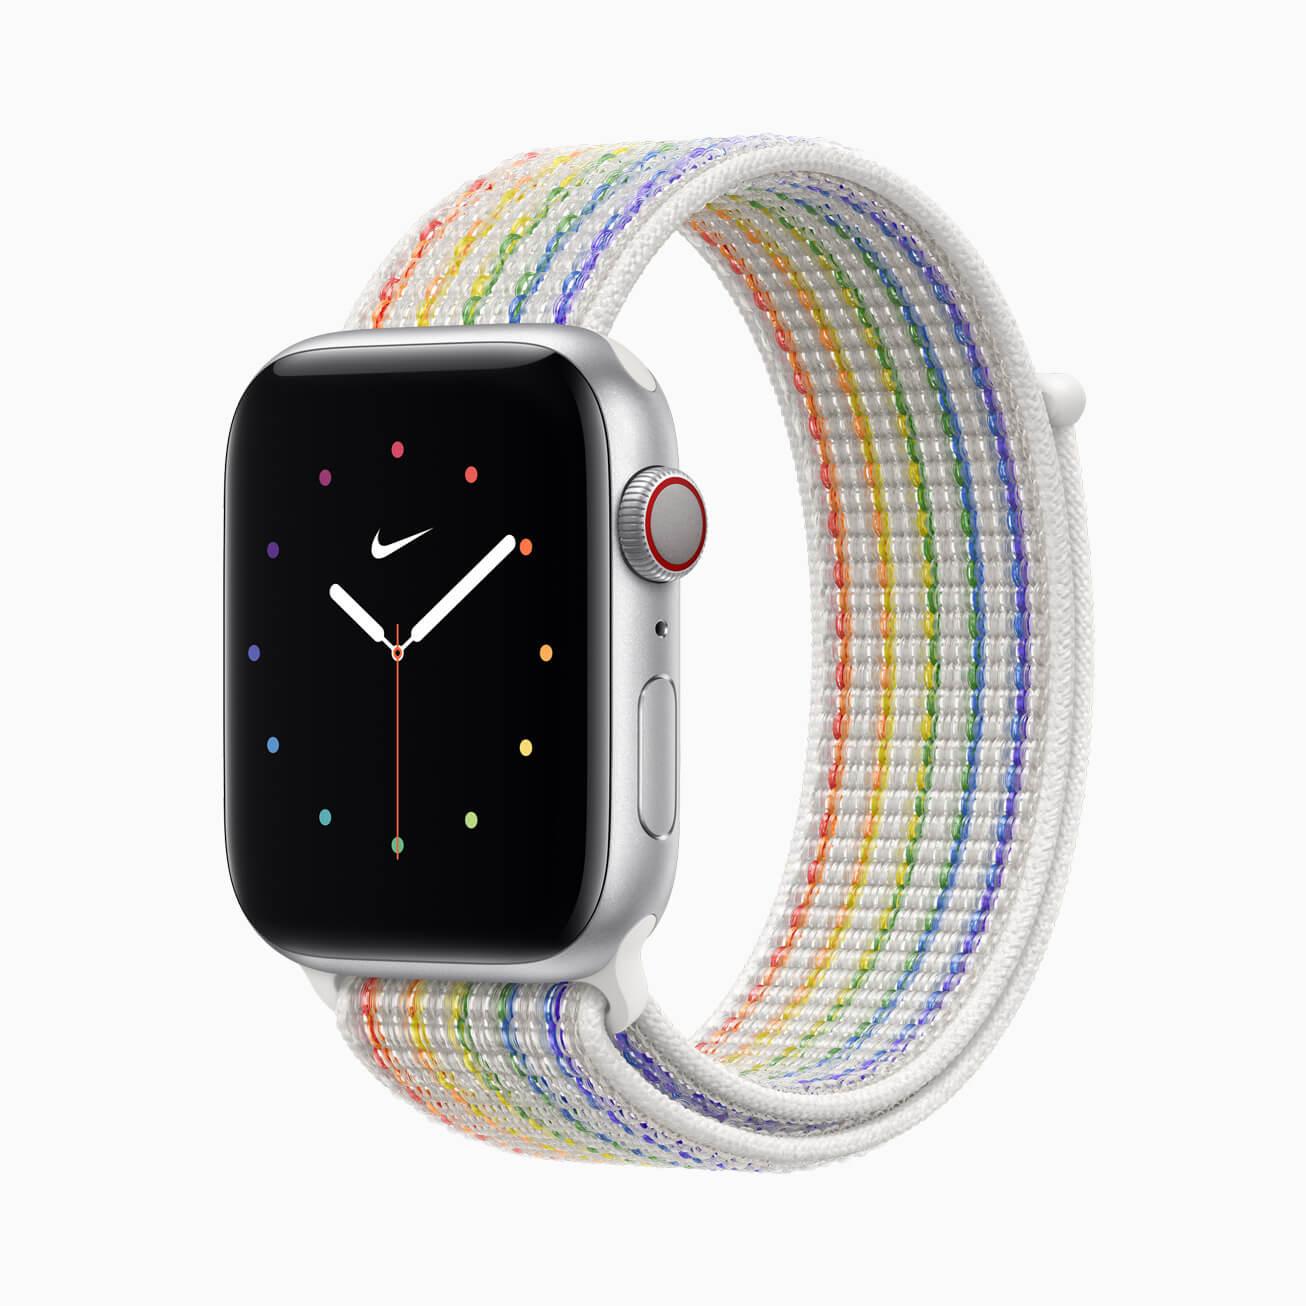 Apple анонсировала радужный ремешок для Apple Watch за $100